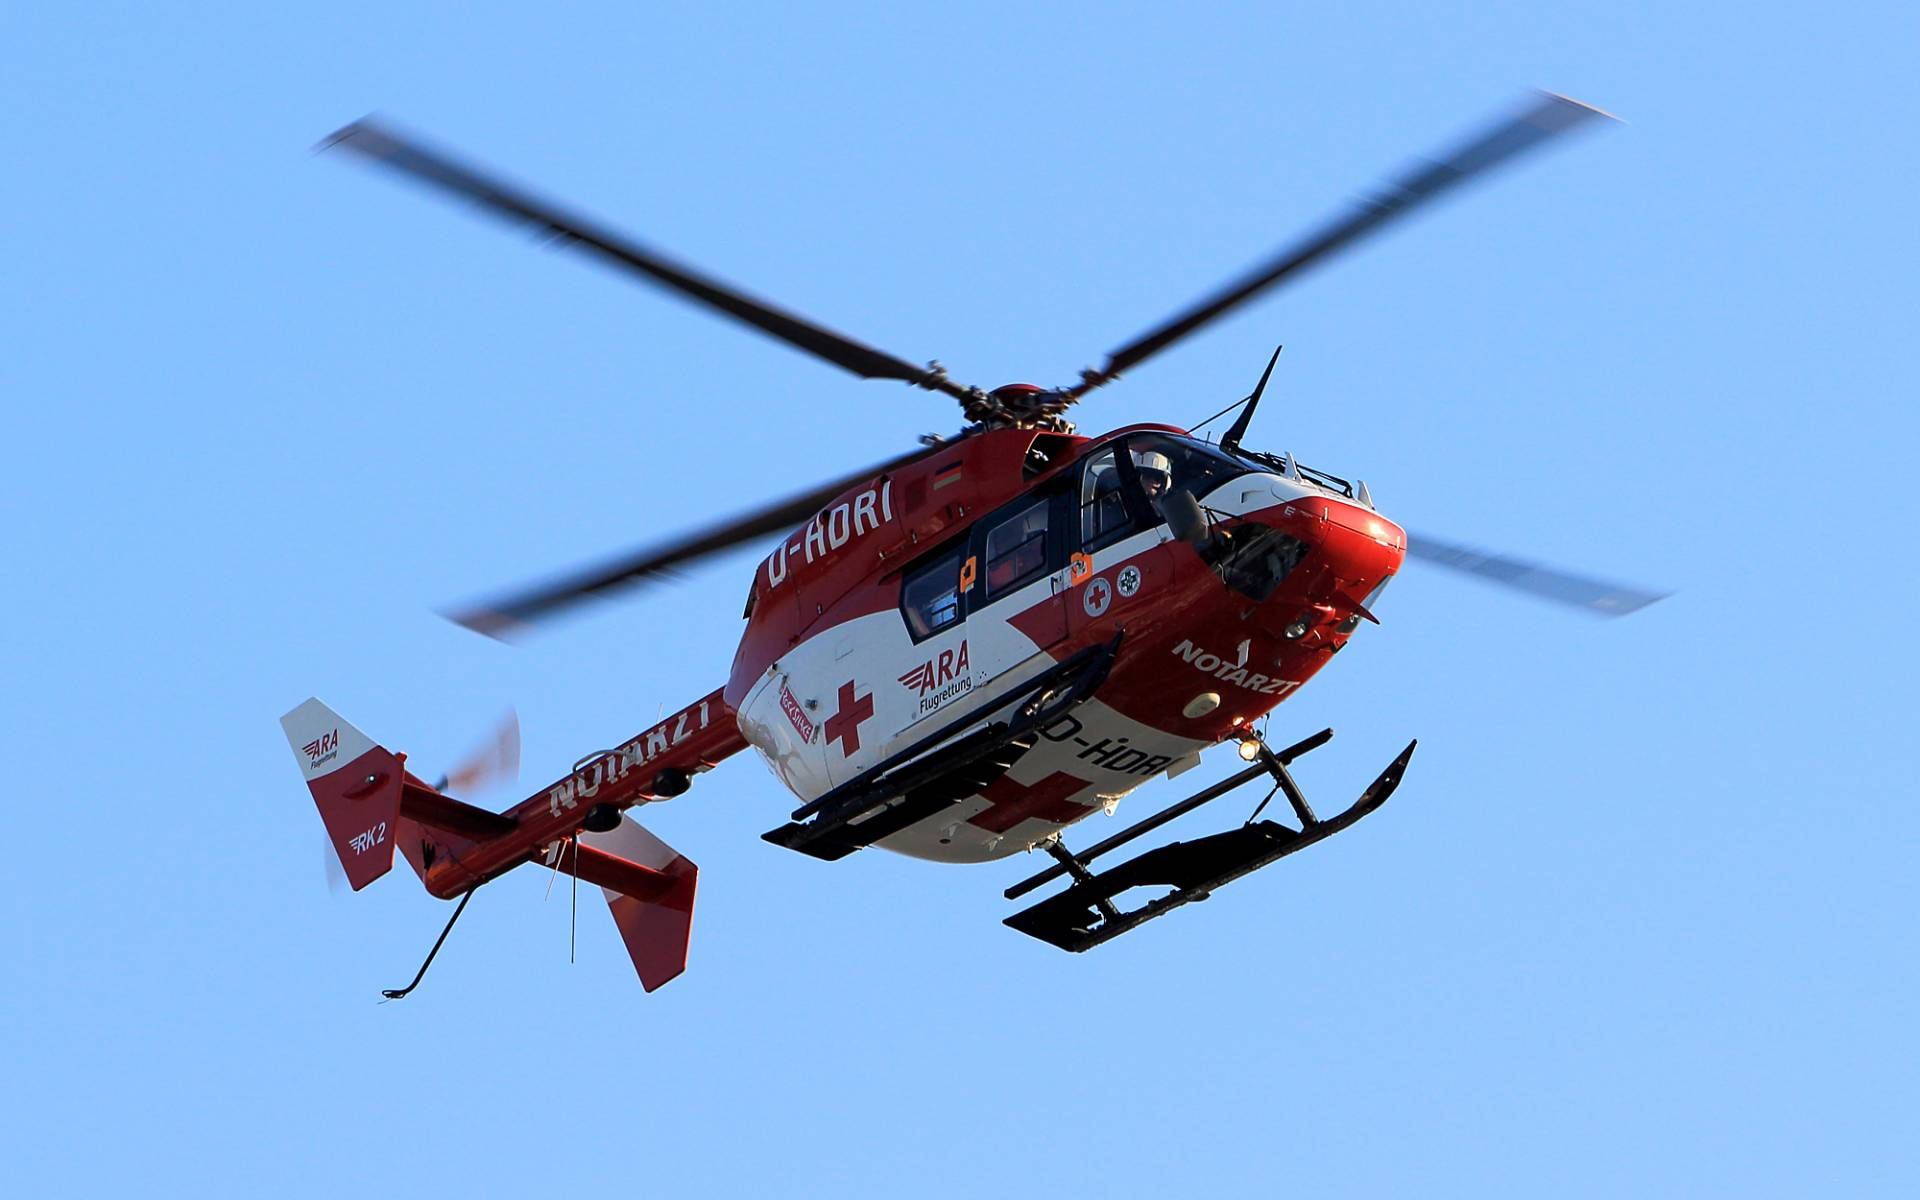 Seit 15 Jahren ist der Fresacher Notarzthubschrauber der ARA Flugrettung im Einsatz, um Menschen in Not zu helfen.